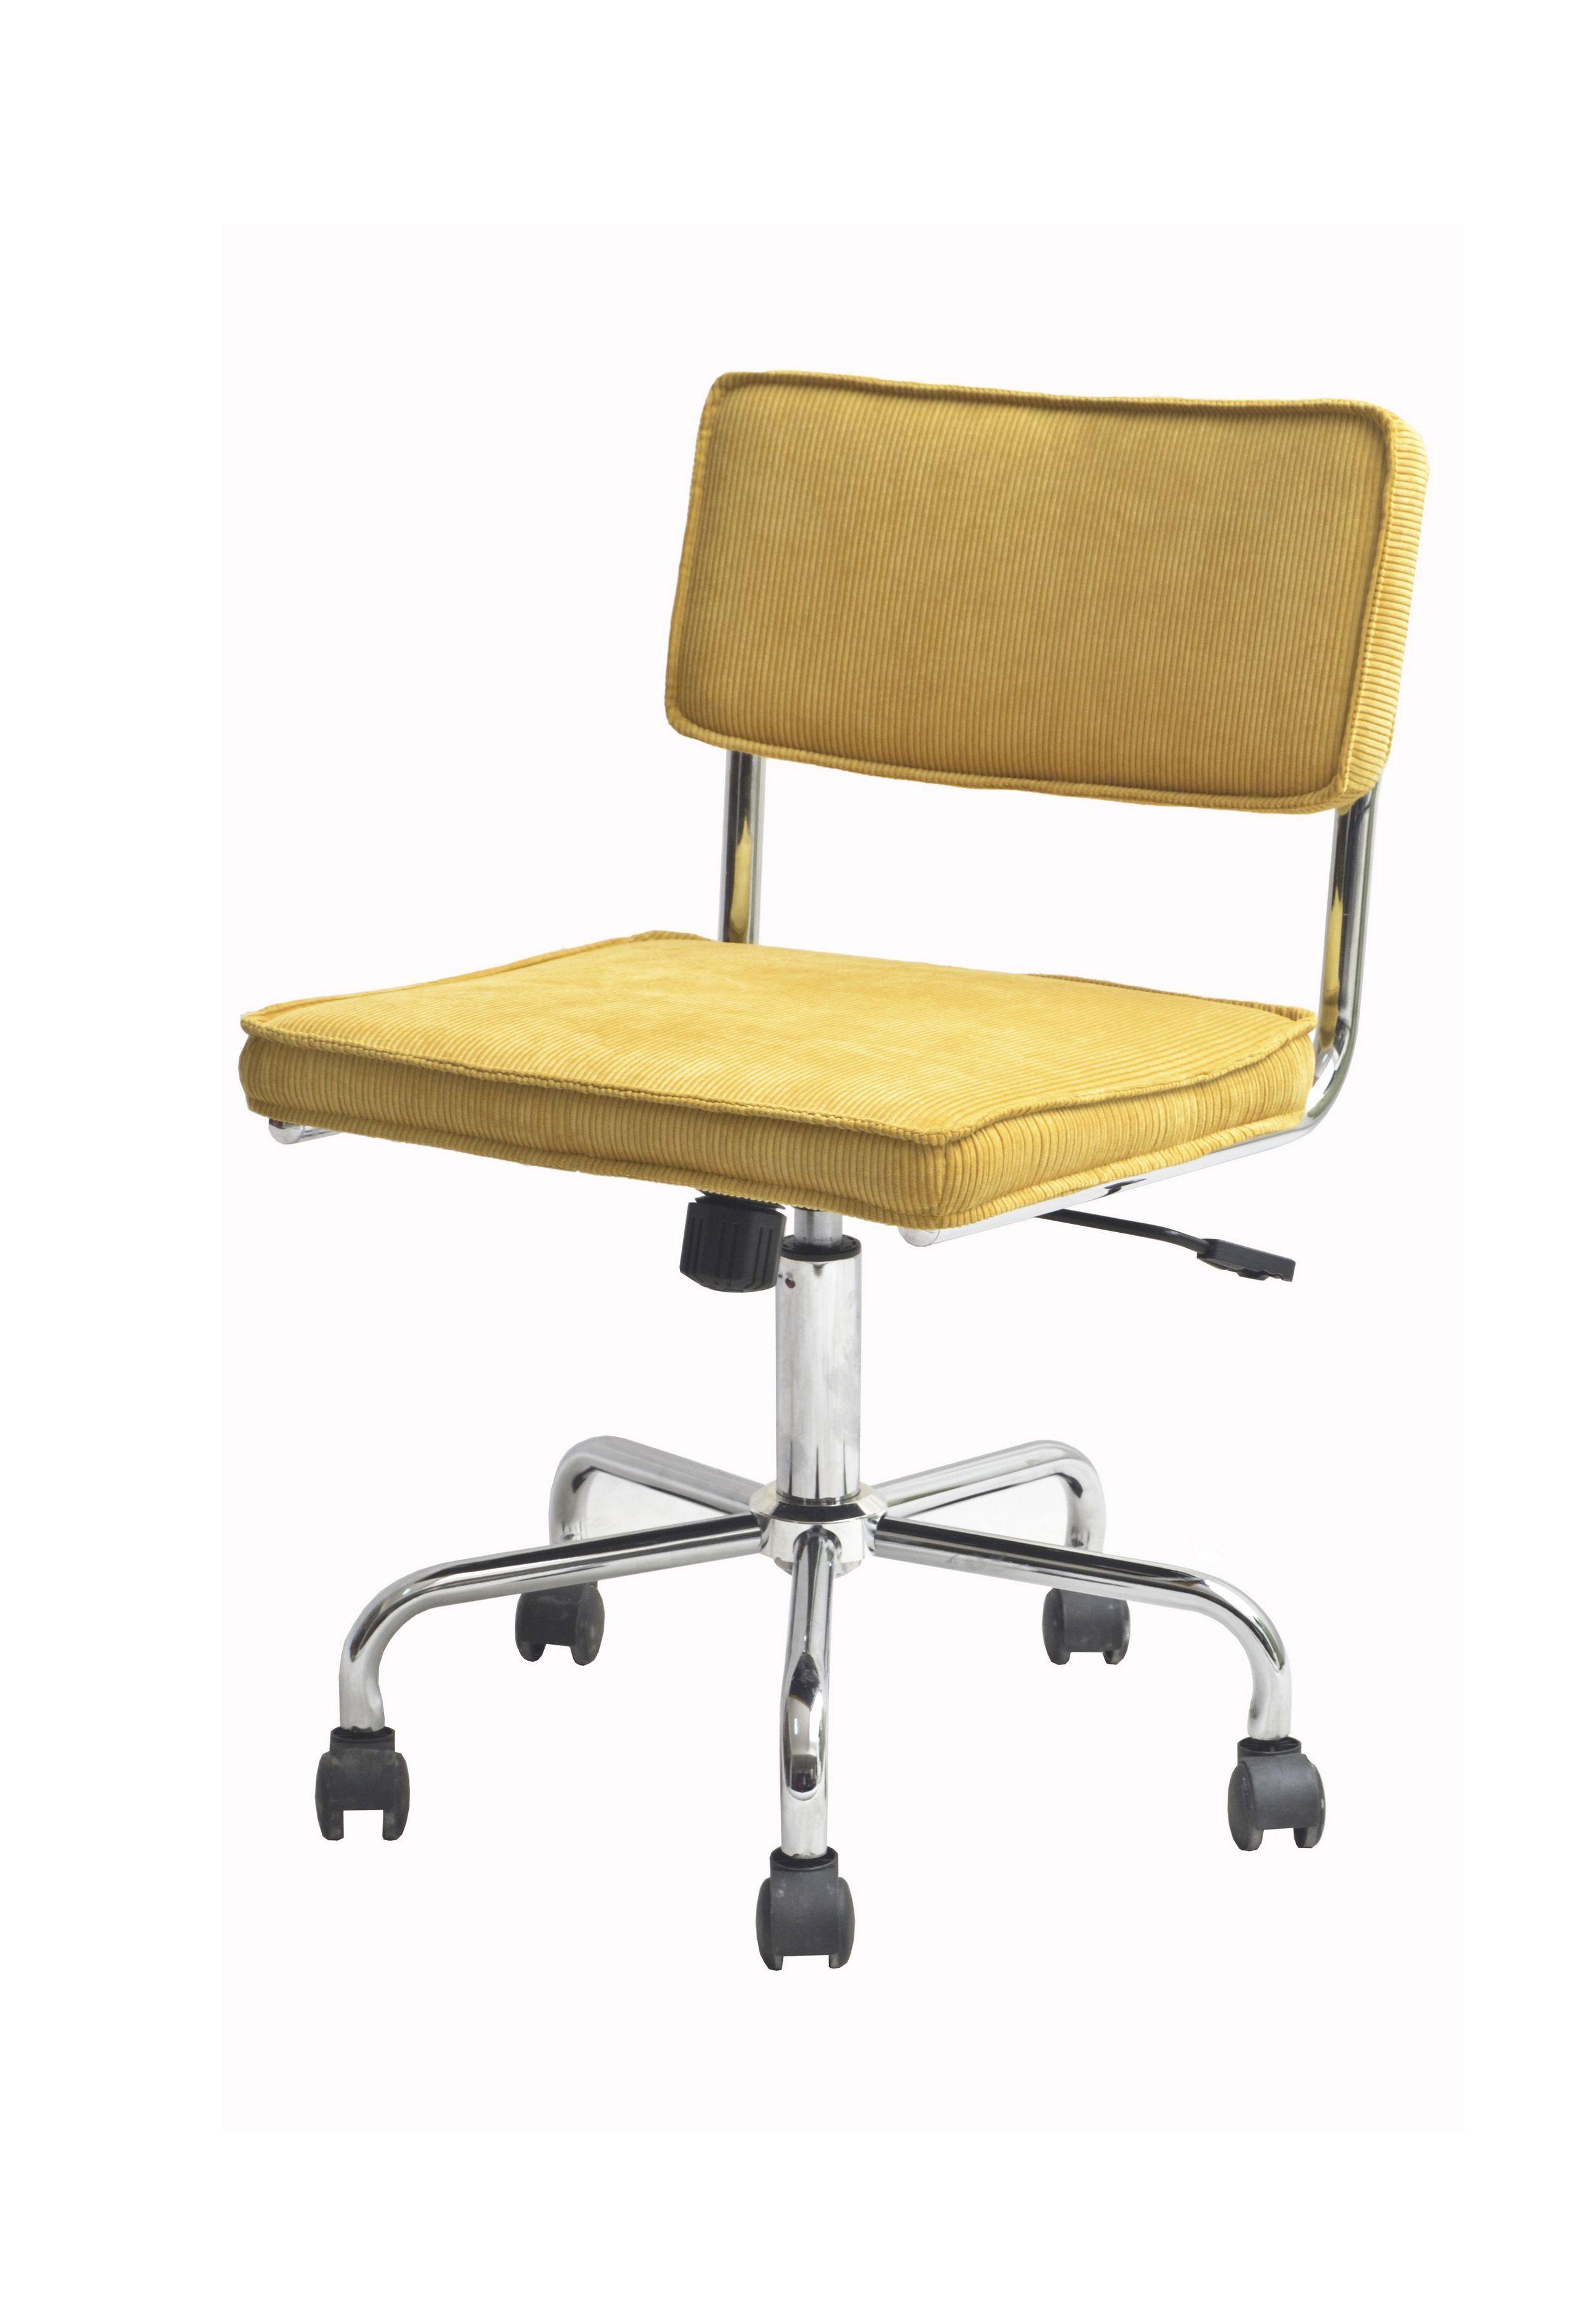 Sevilla Kontorstol - Smart retro-inspireret kontorstol med polstret sæde i karrygult fløjlsstof og et flot stel i krom. Kontorstolen har desuden en praktisk hæve/sænke funktion og har hjul. Anvend denne unikke kontorstol i hjemmekontoret eller brug den som anderledes spisebordsstol.